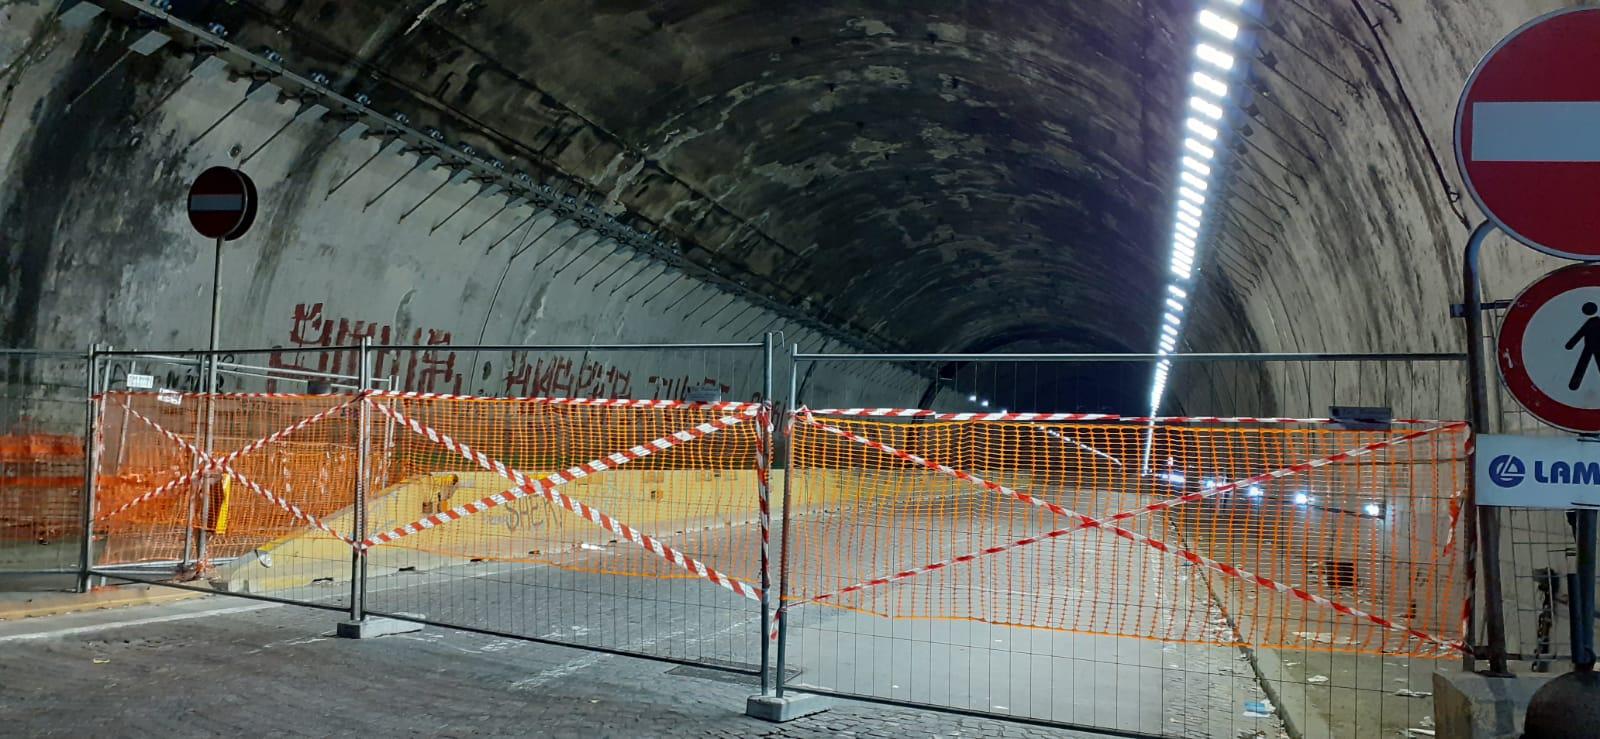 Napoli, chiude la Galleria Quattro Giornate: zona occidentale nel caos